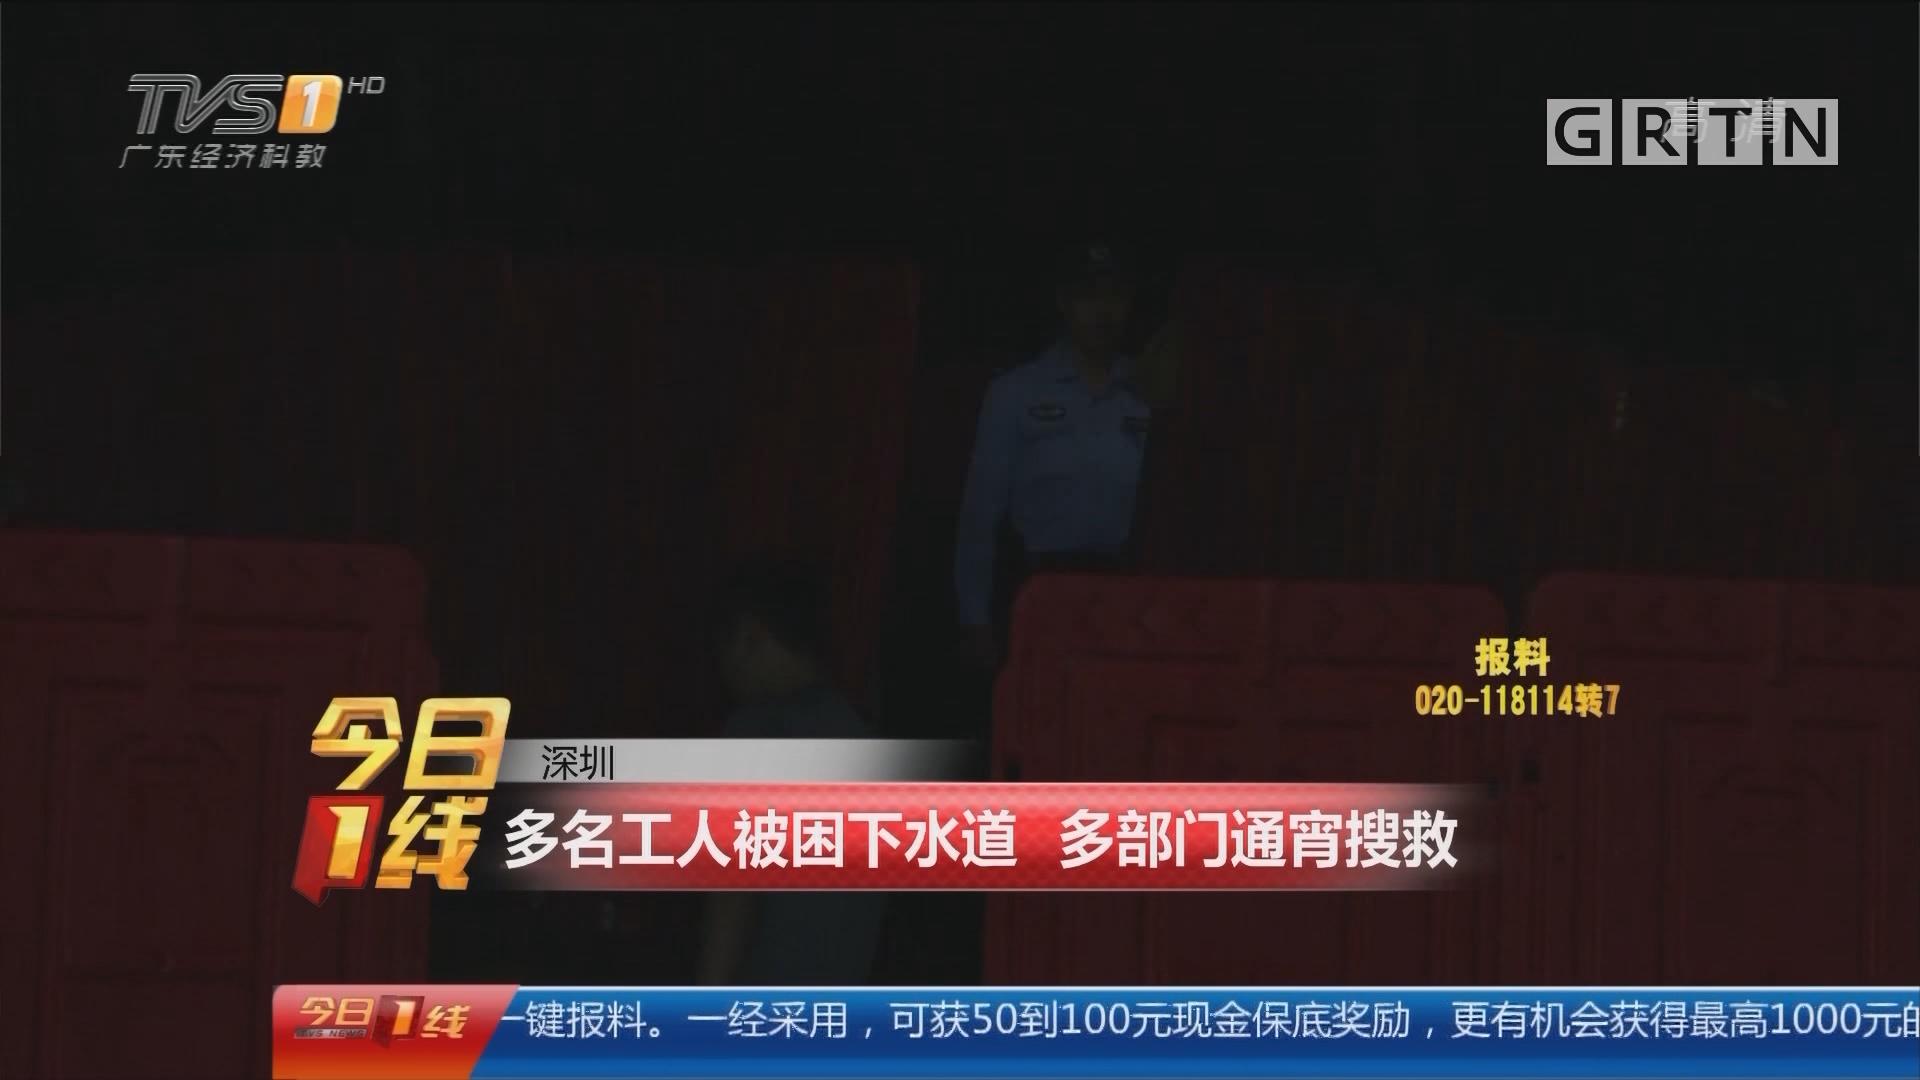 深圳:多名工人被困下水道 多部门通宵搜救